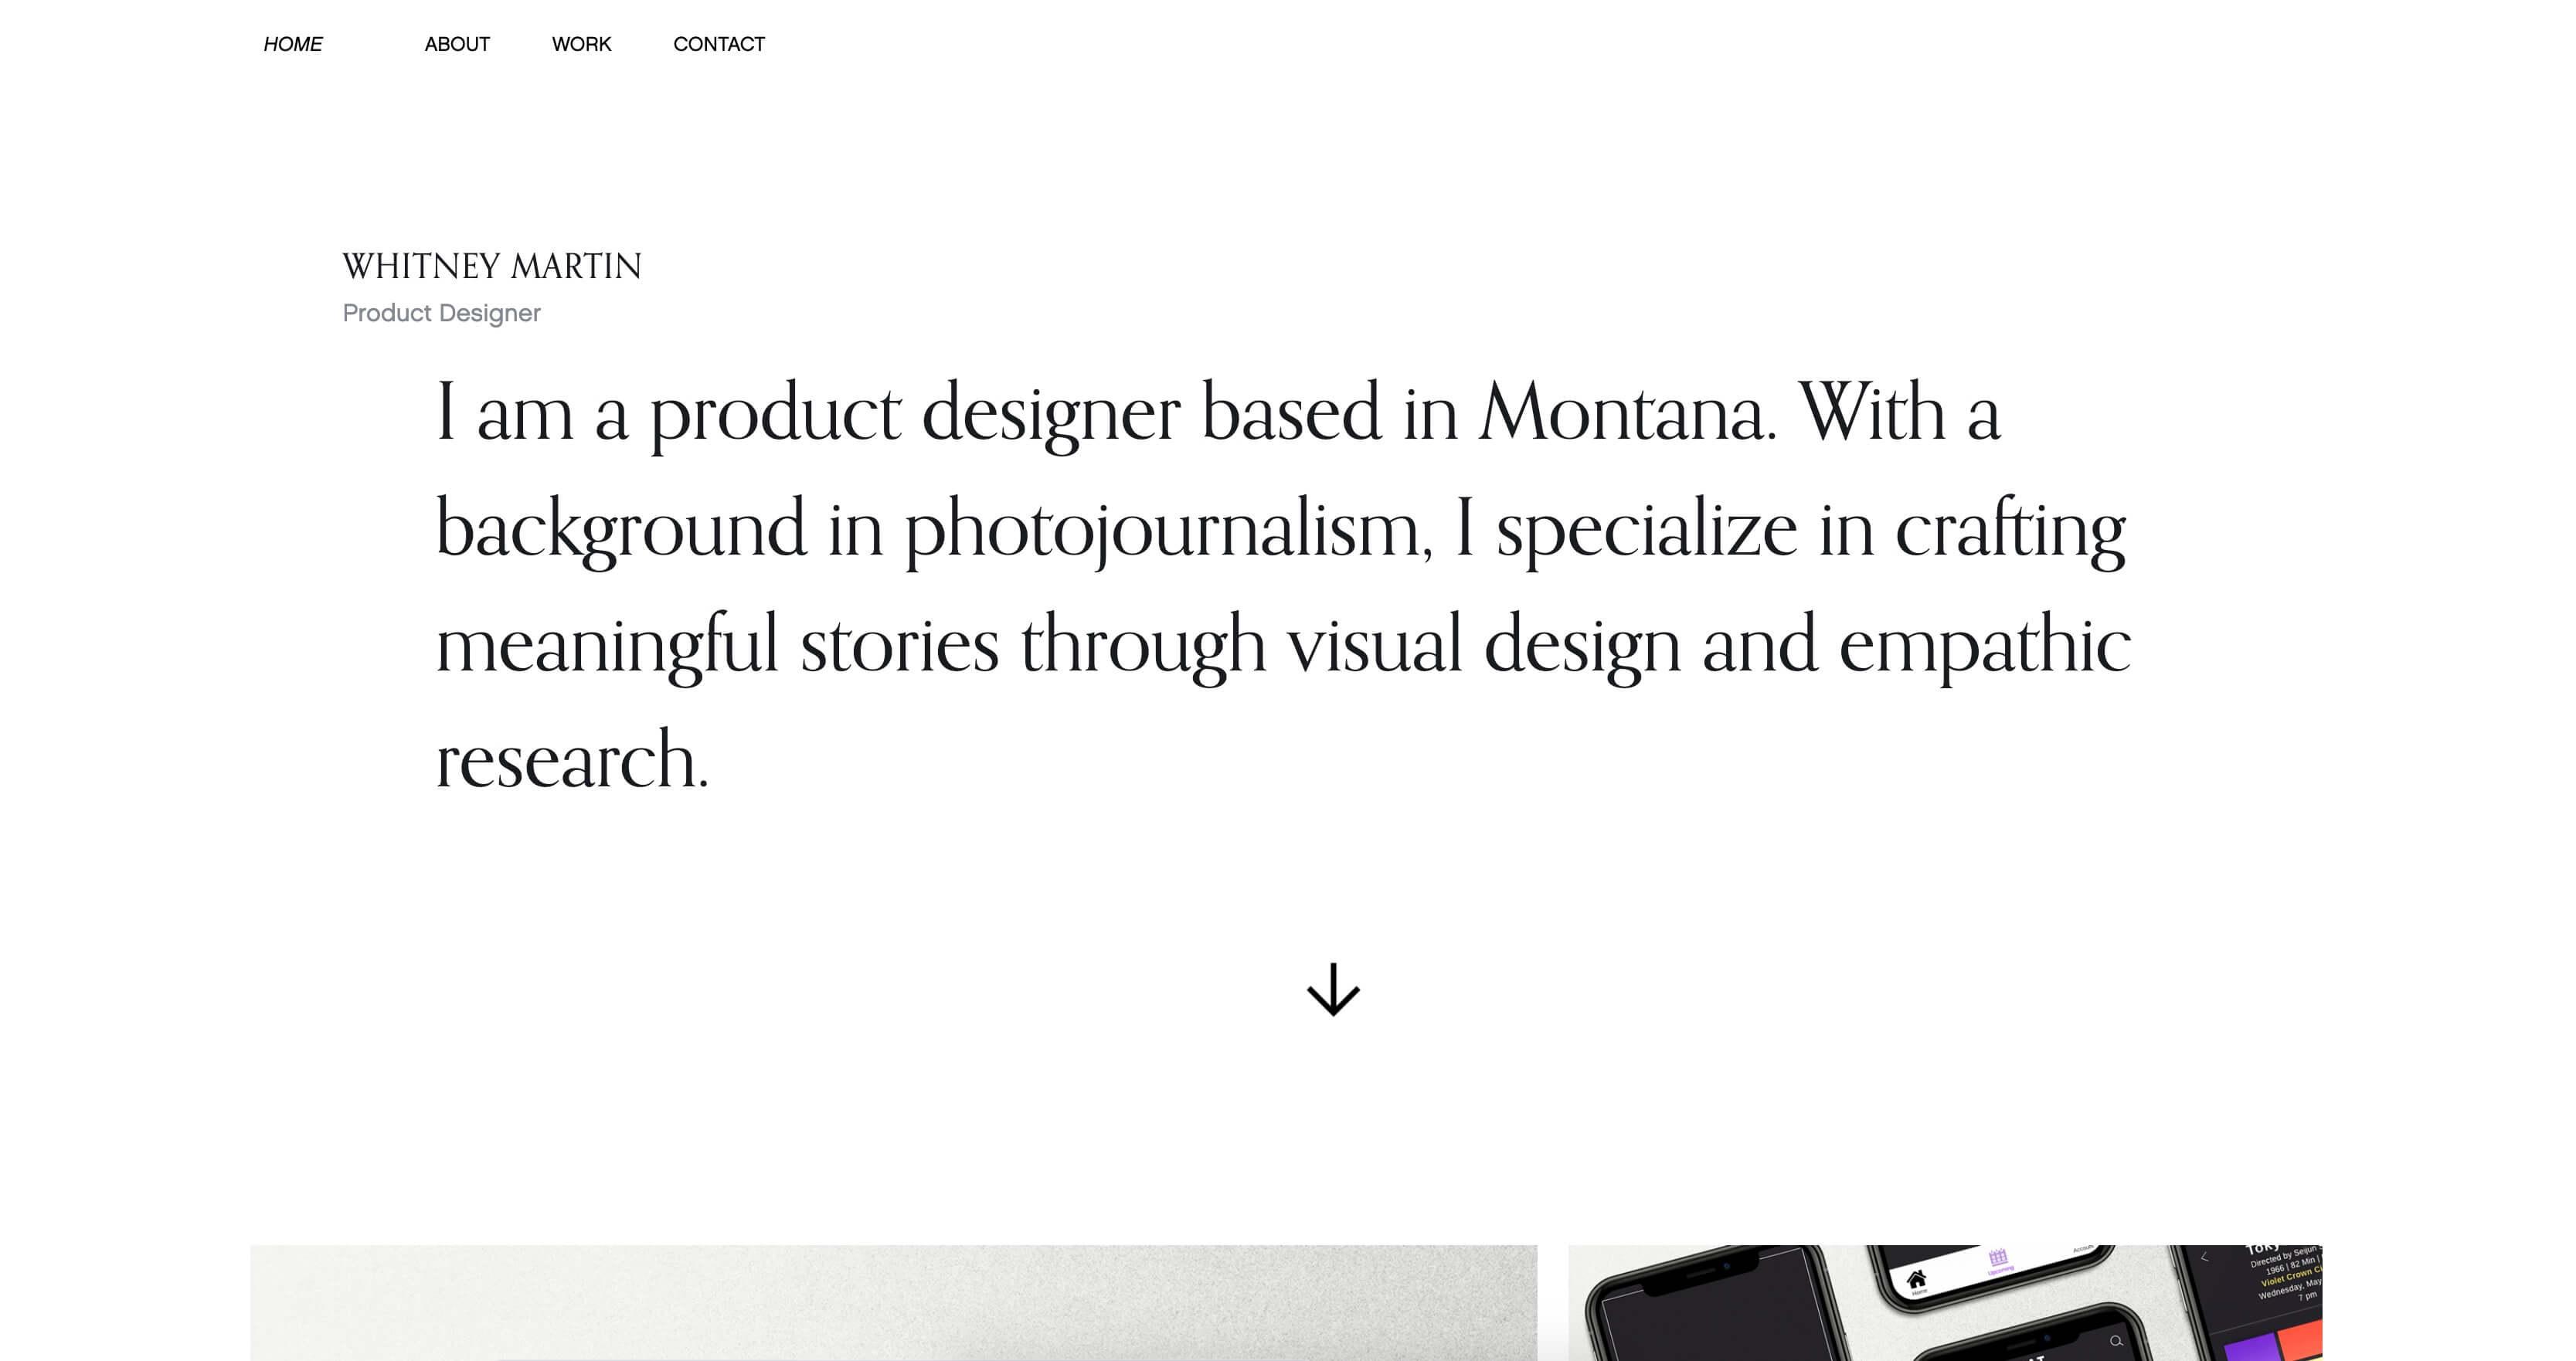 Whitney Martin's portfolio